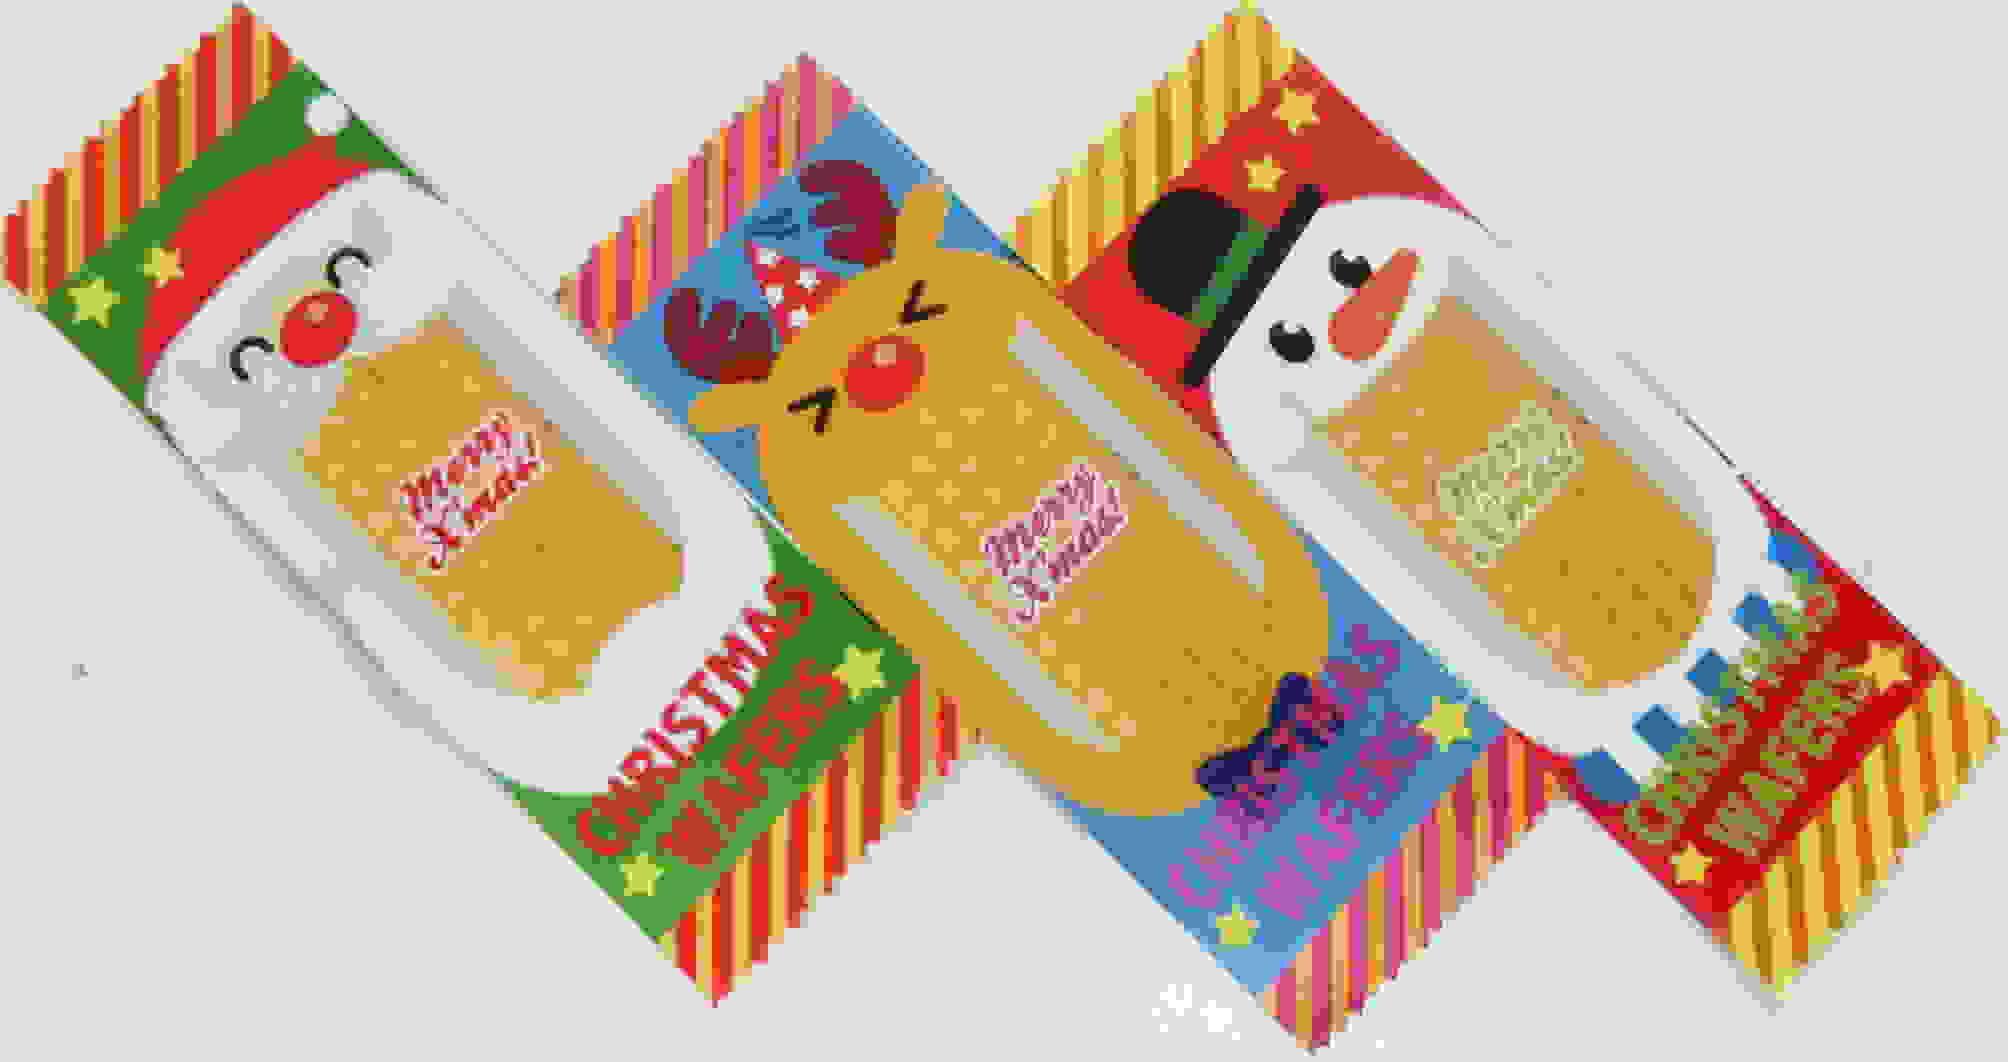 クリスマス 駄菓子詰合せ お菓子 おもちゃ 景品 おかしの卸屋さん 広島